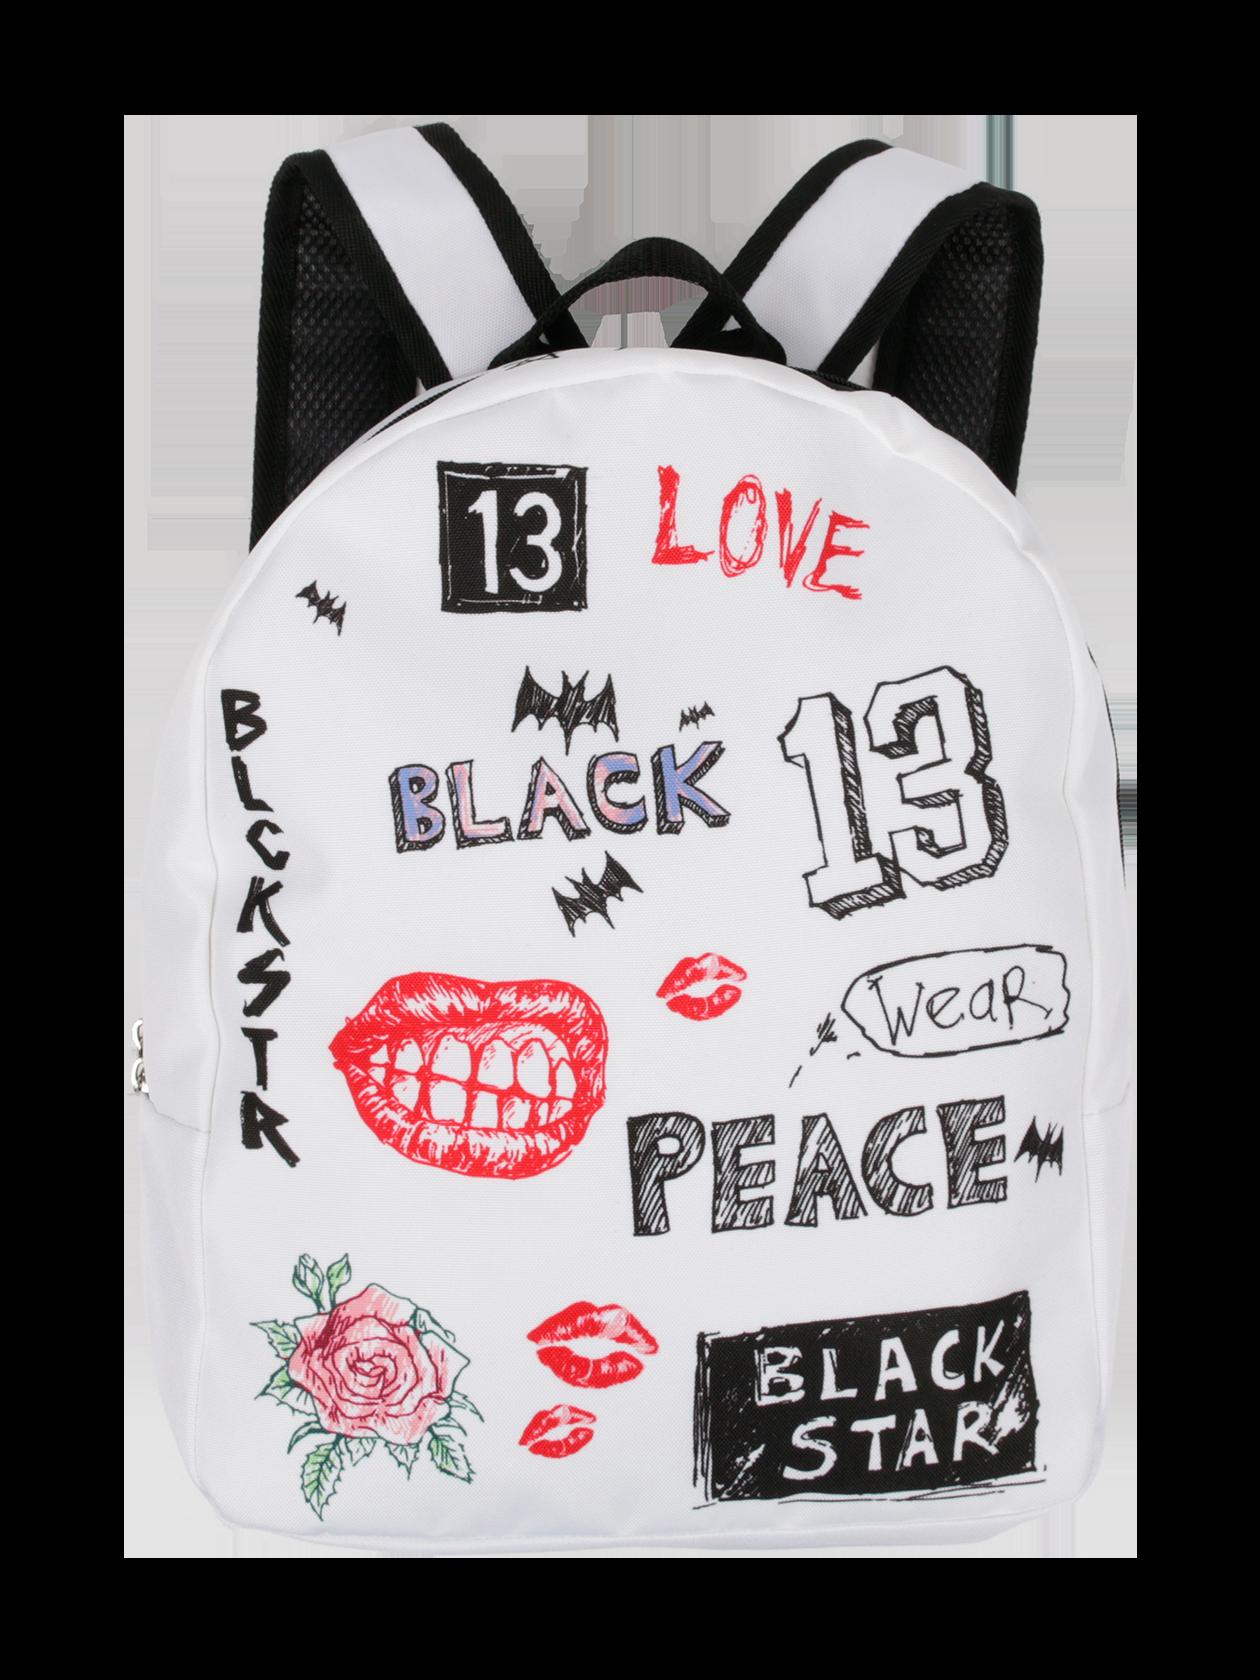 Рюкзак женский BS SKETCHМолодежный стильный женский рюкзак BS SKETCH из новой коллекции Black Star Wear. Изделие выполнено из высококачественного материала. Практичный и очень удобный с мягкими лямками для носки на плечах и небольшой ручкой для комфортного переноса в одной руке. Вместительный основной сектор на молнии. Модель представлена в классическом белом цвете, лямки отделаны изнутри черным перфорированным материалом. Яркий и уникальный дизайн создают многочисленные фирменные принты в стиле новой коллекции Black Star. Стильный и незаменимый аксессуар в гардеробе ярких активных девушек.<br><br>Размер: Единый размер<br>Цвет: Белый<br>Пол: Унисекс